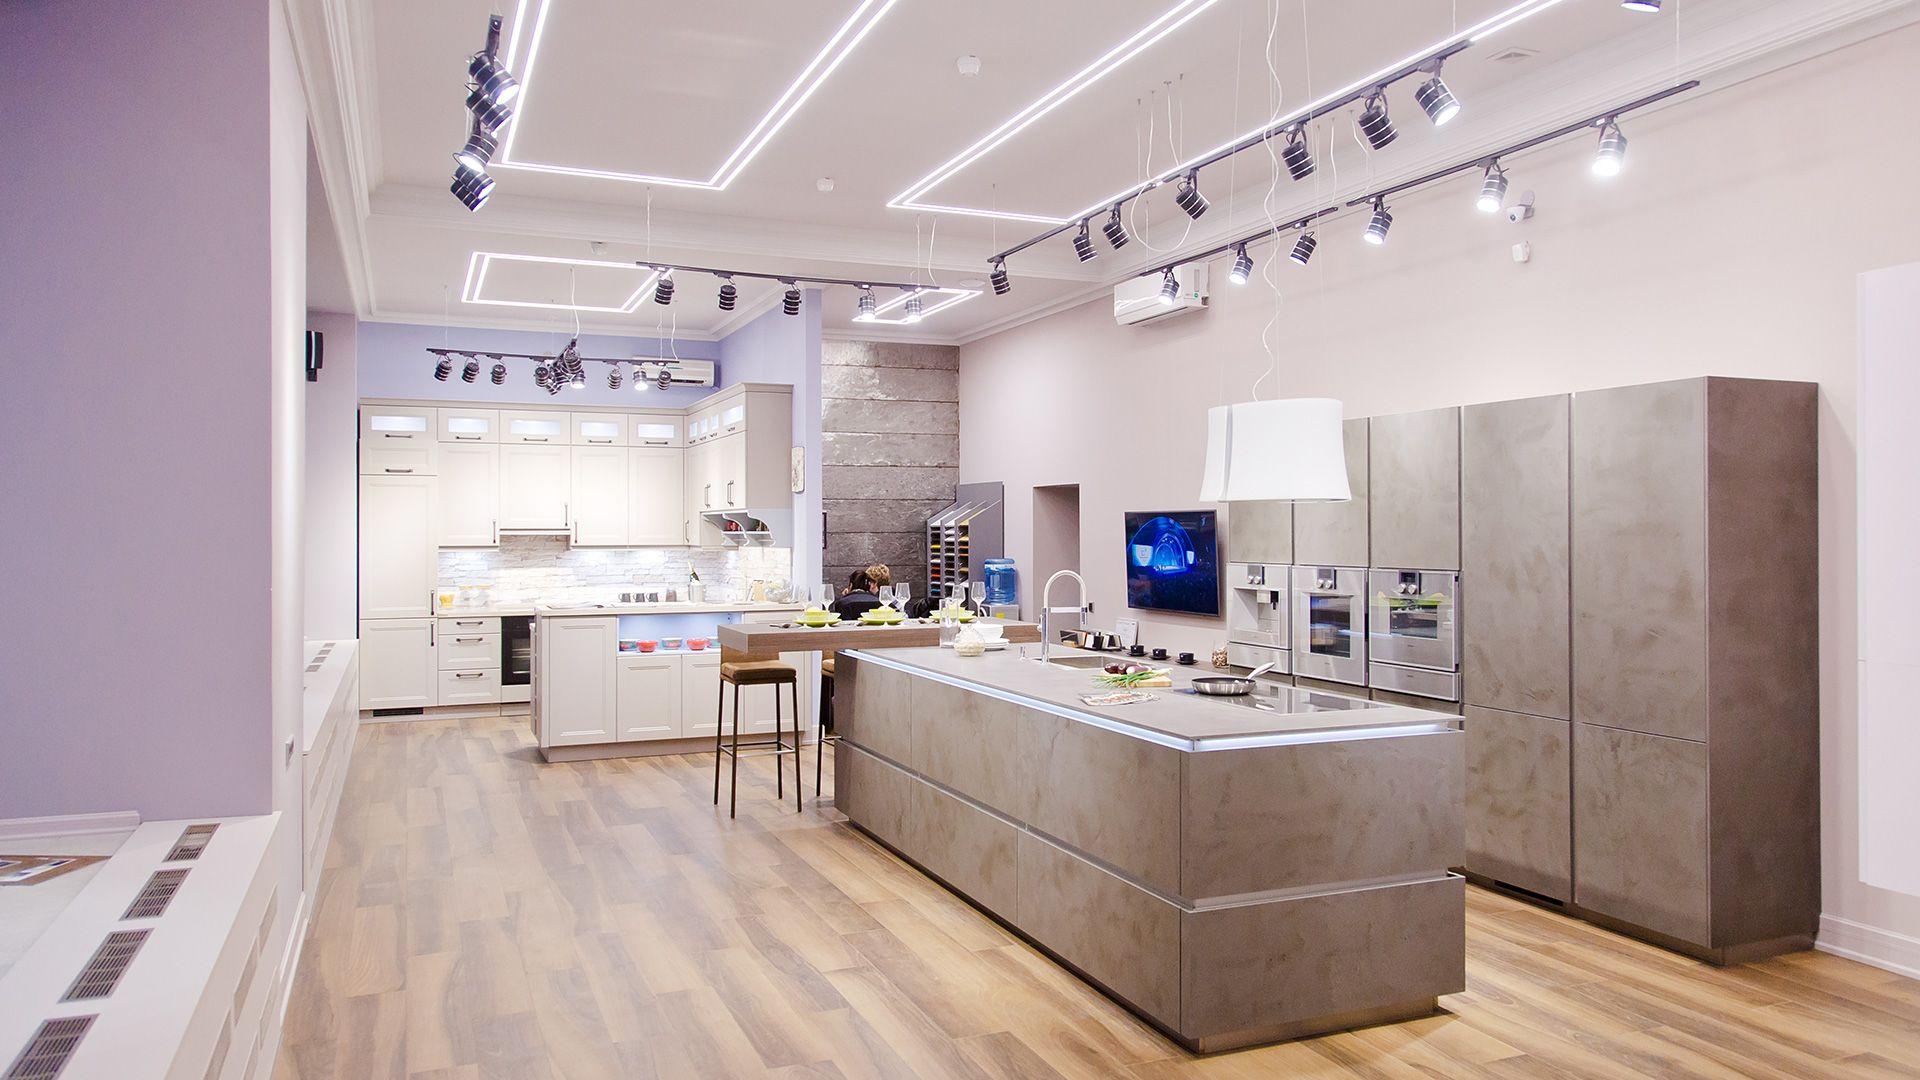 kitchen_svetodesign_01